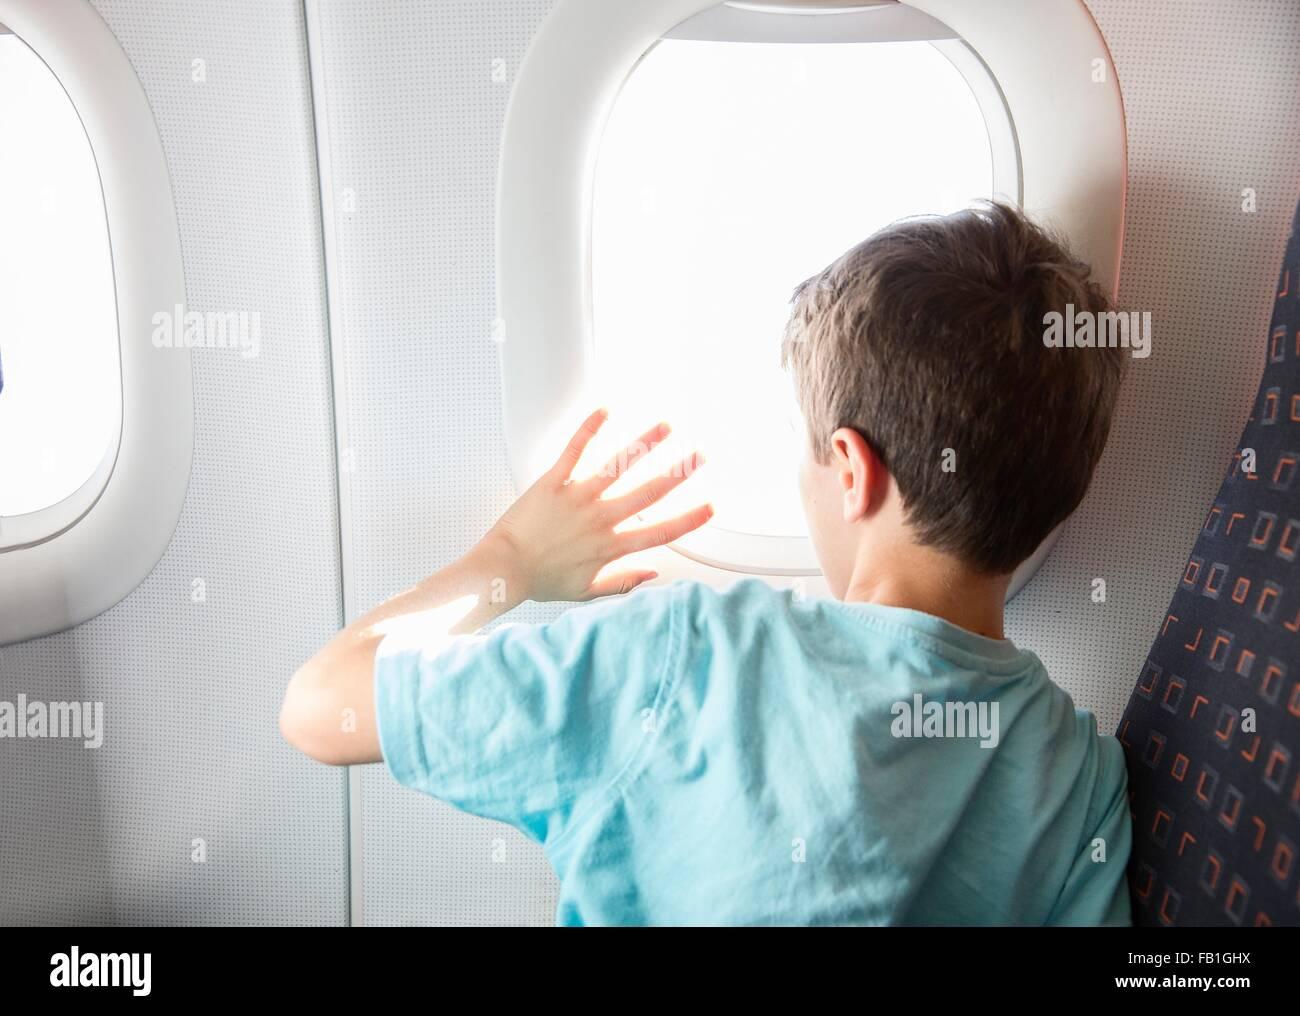 Vue arrière du garçon à la recherche et forme à travers la fenêtre de l'avion Photo Stock